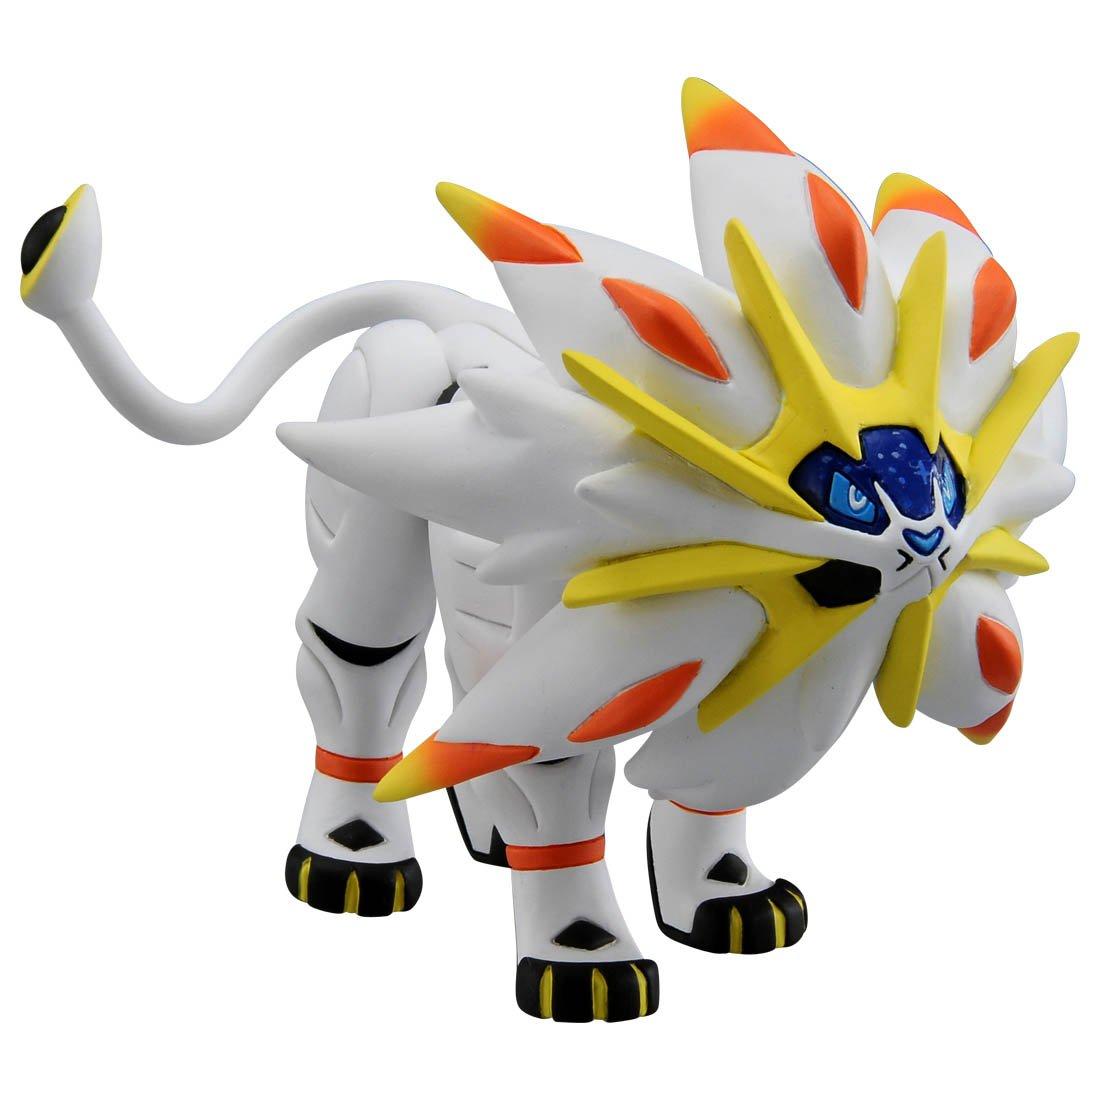 精靈寶可夢 神奇寶貝 ML-14 索爾迦雷歐